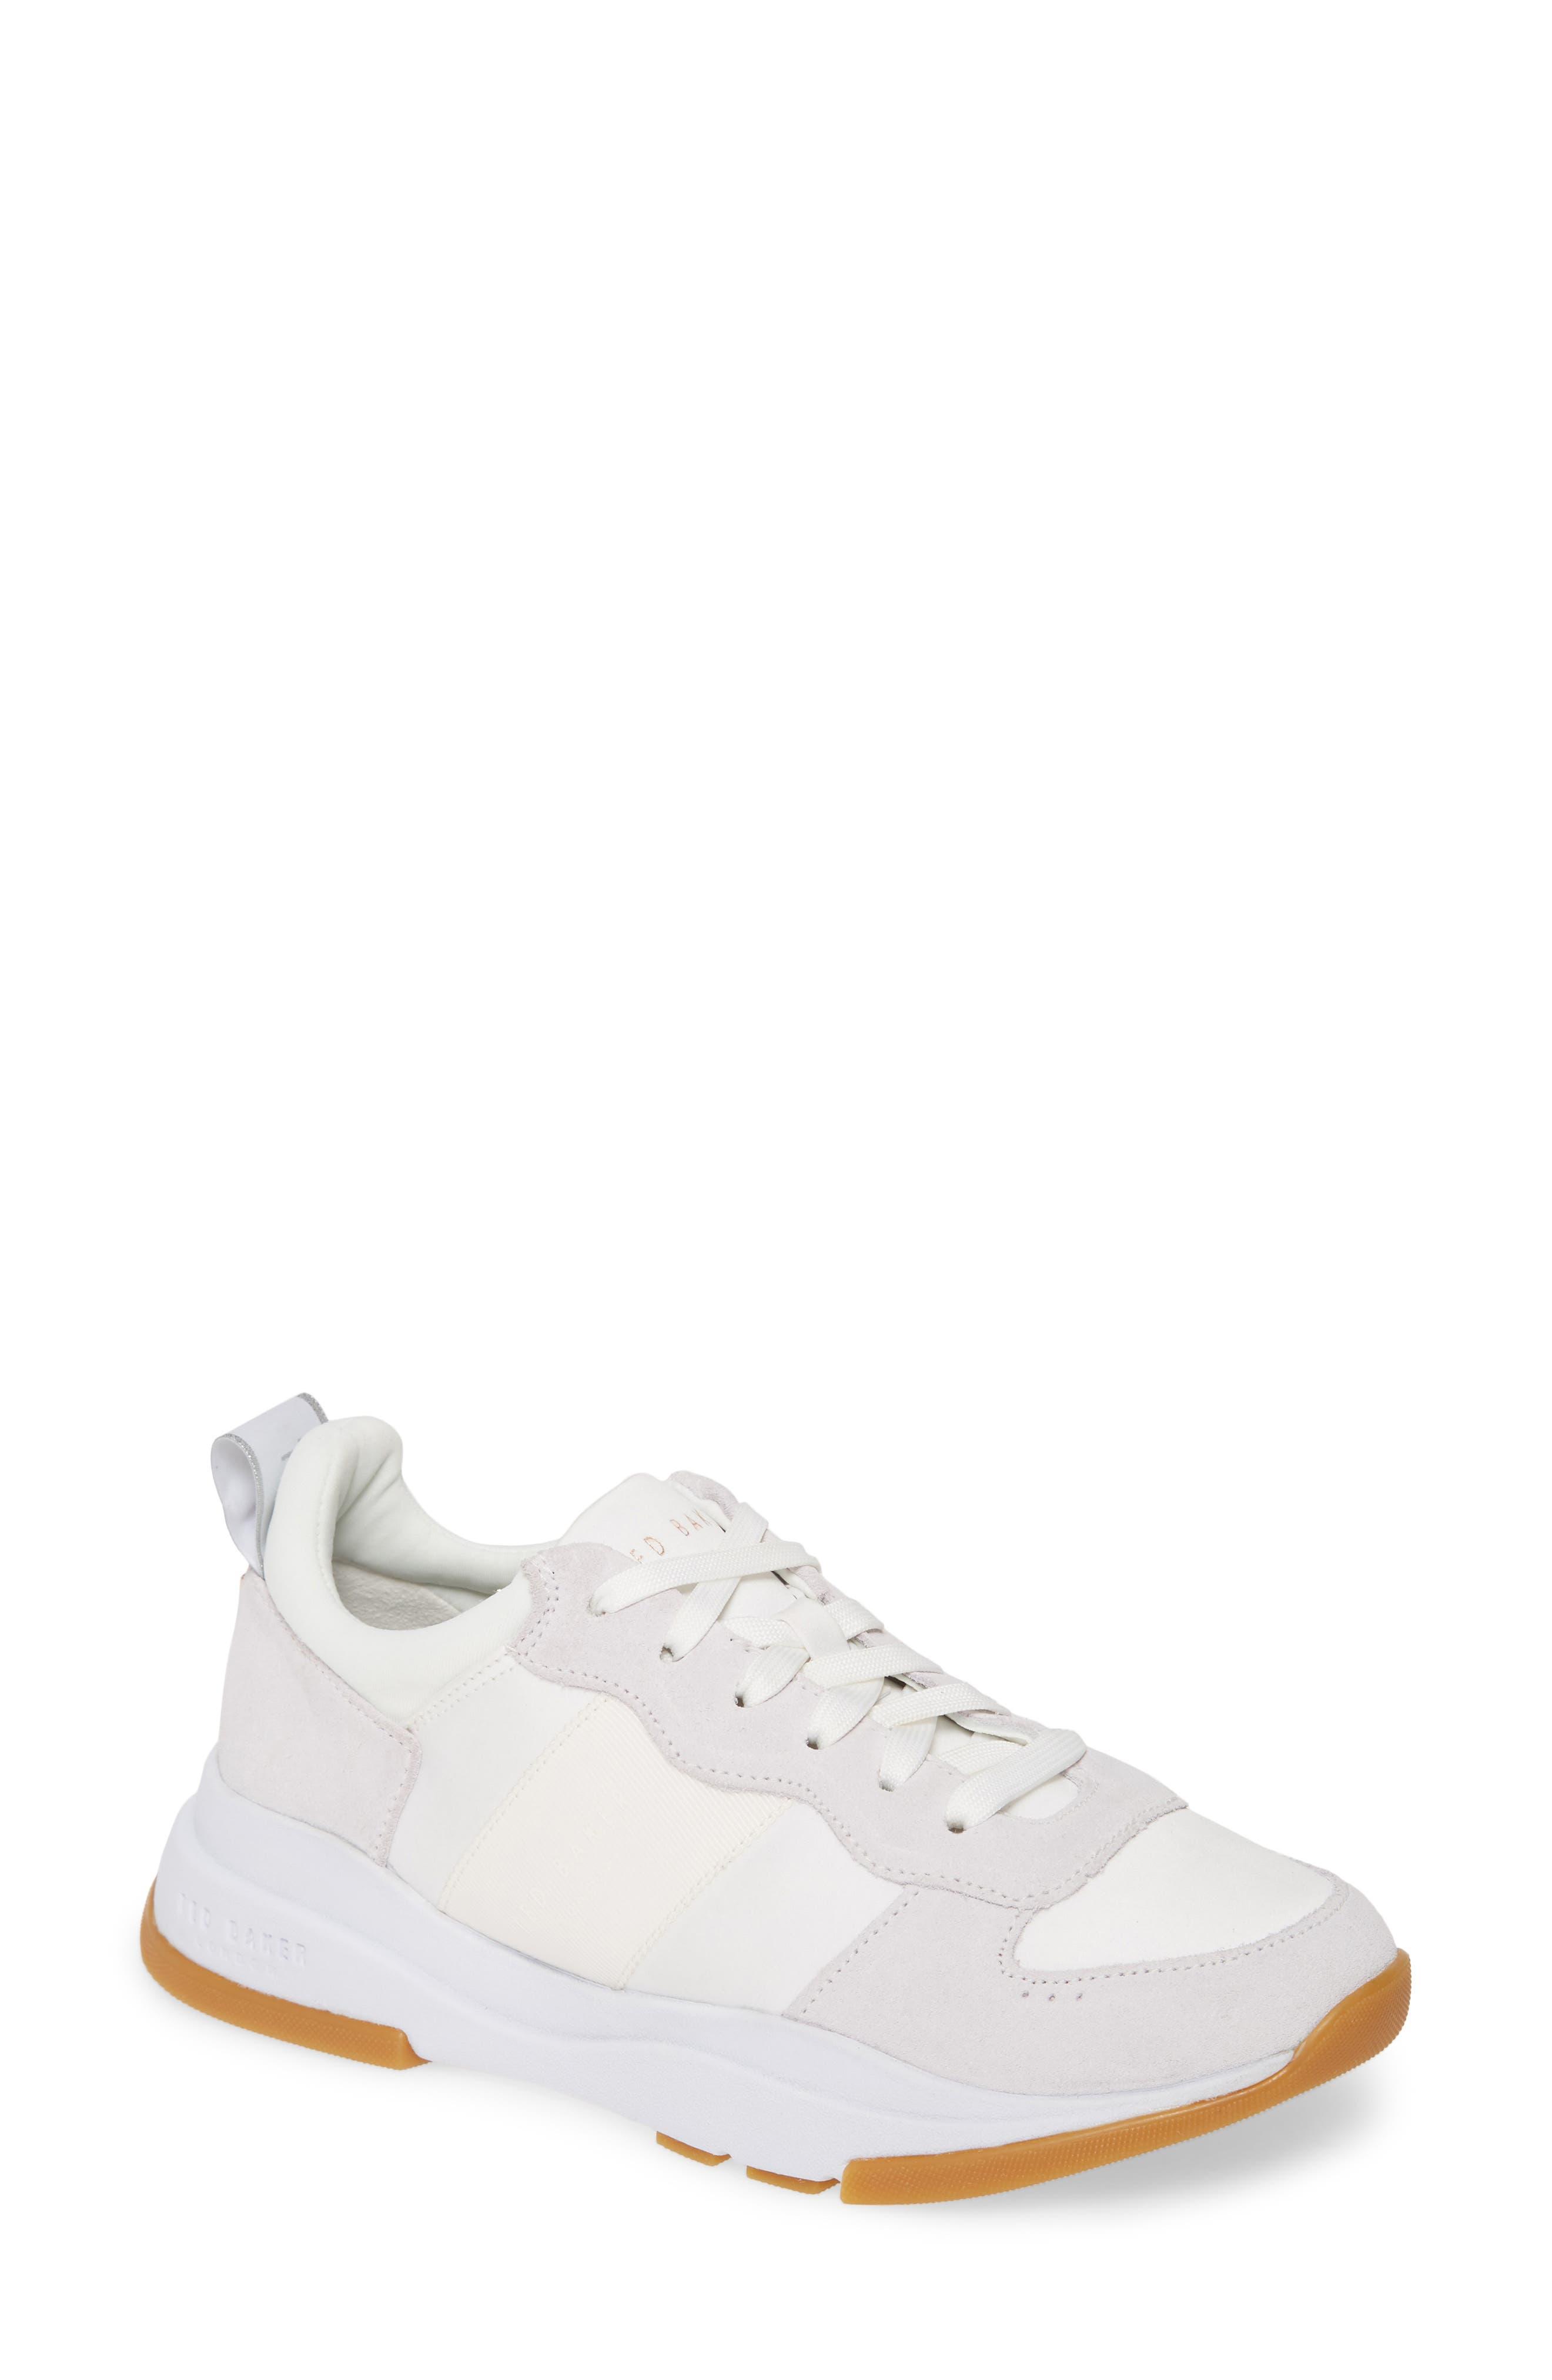 Ted Baker London Waverdi Sneaker, White